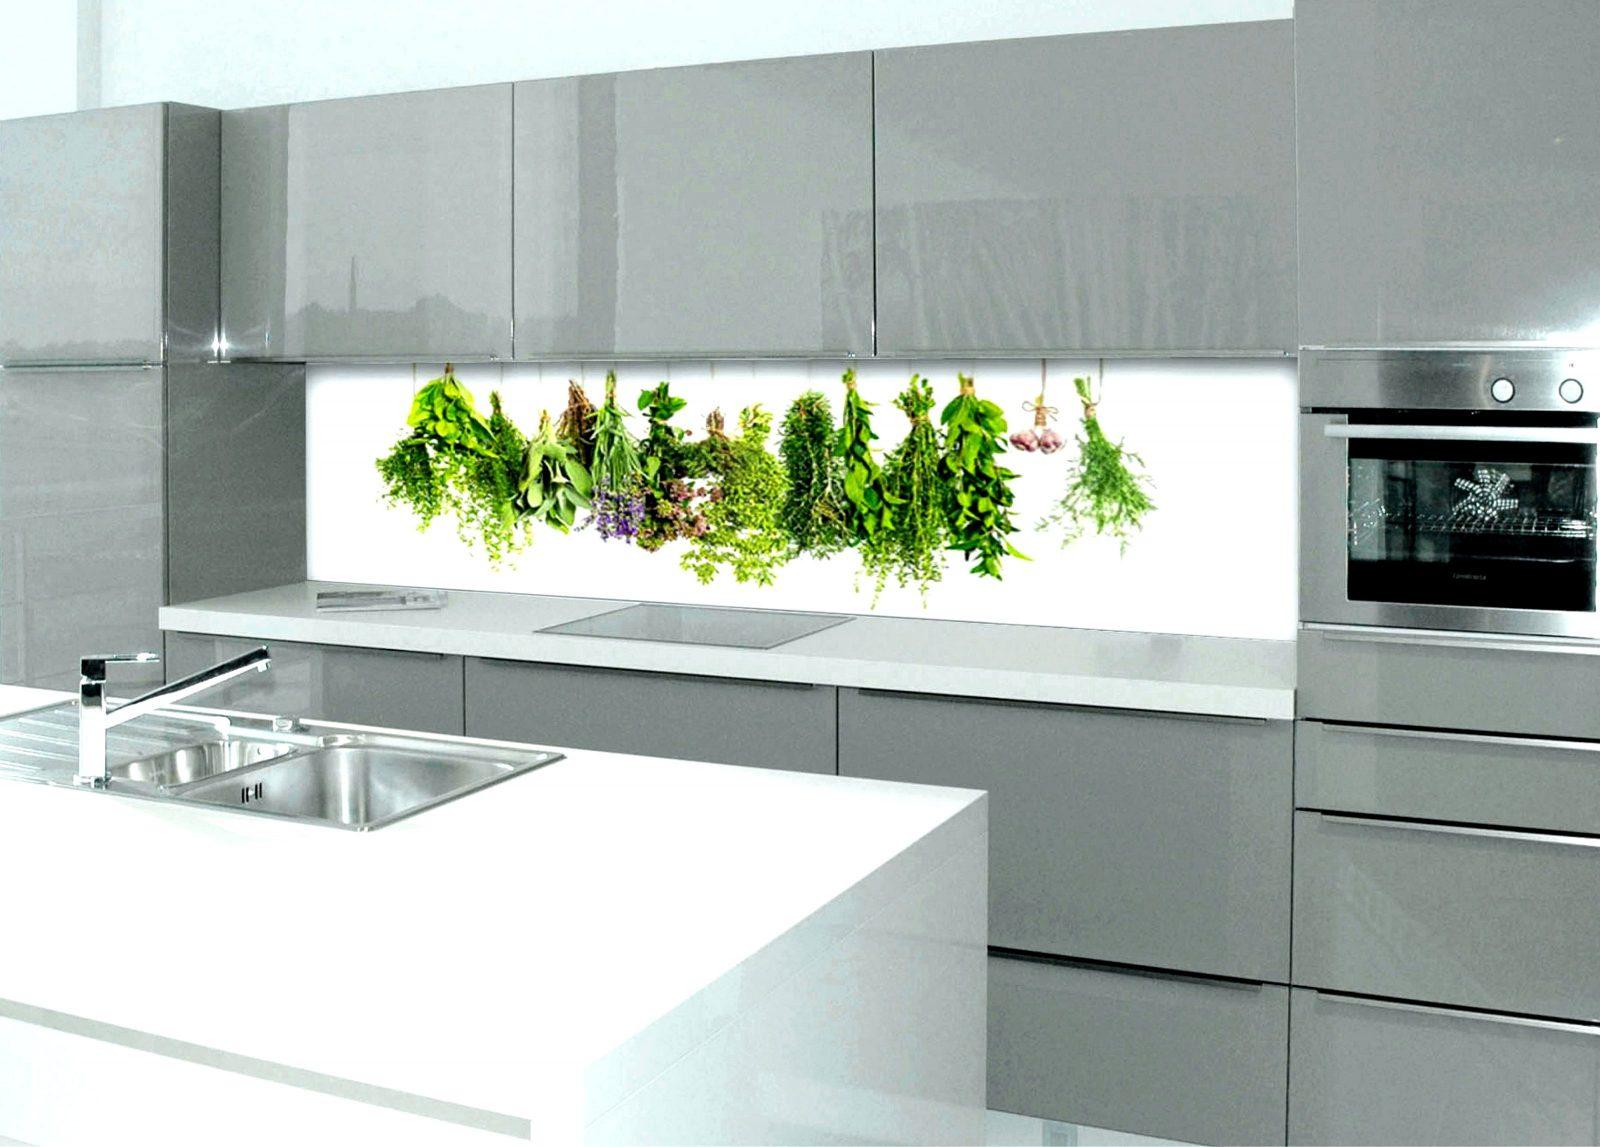 Küche Spritzschutz Selber Machen Von Stilvoll Spritzschutz Wand von Spritzschutz Küche Selber Machen Photo